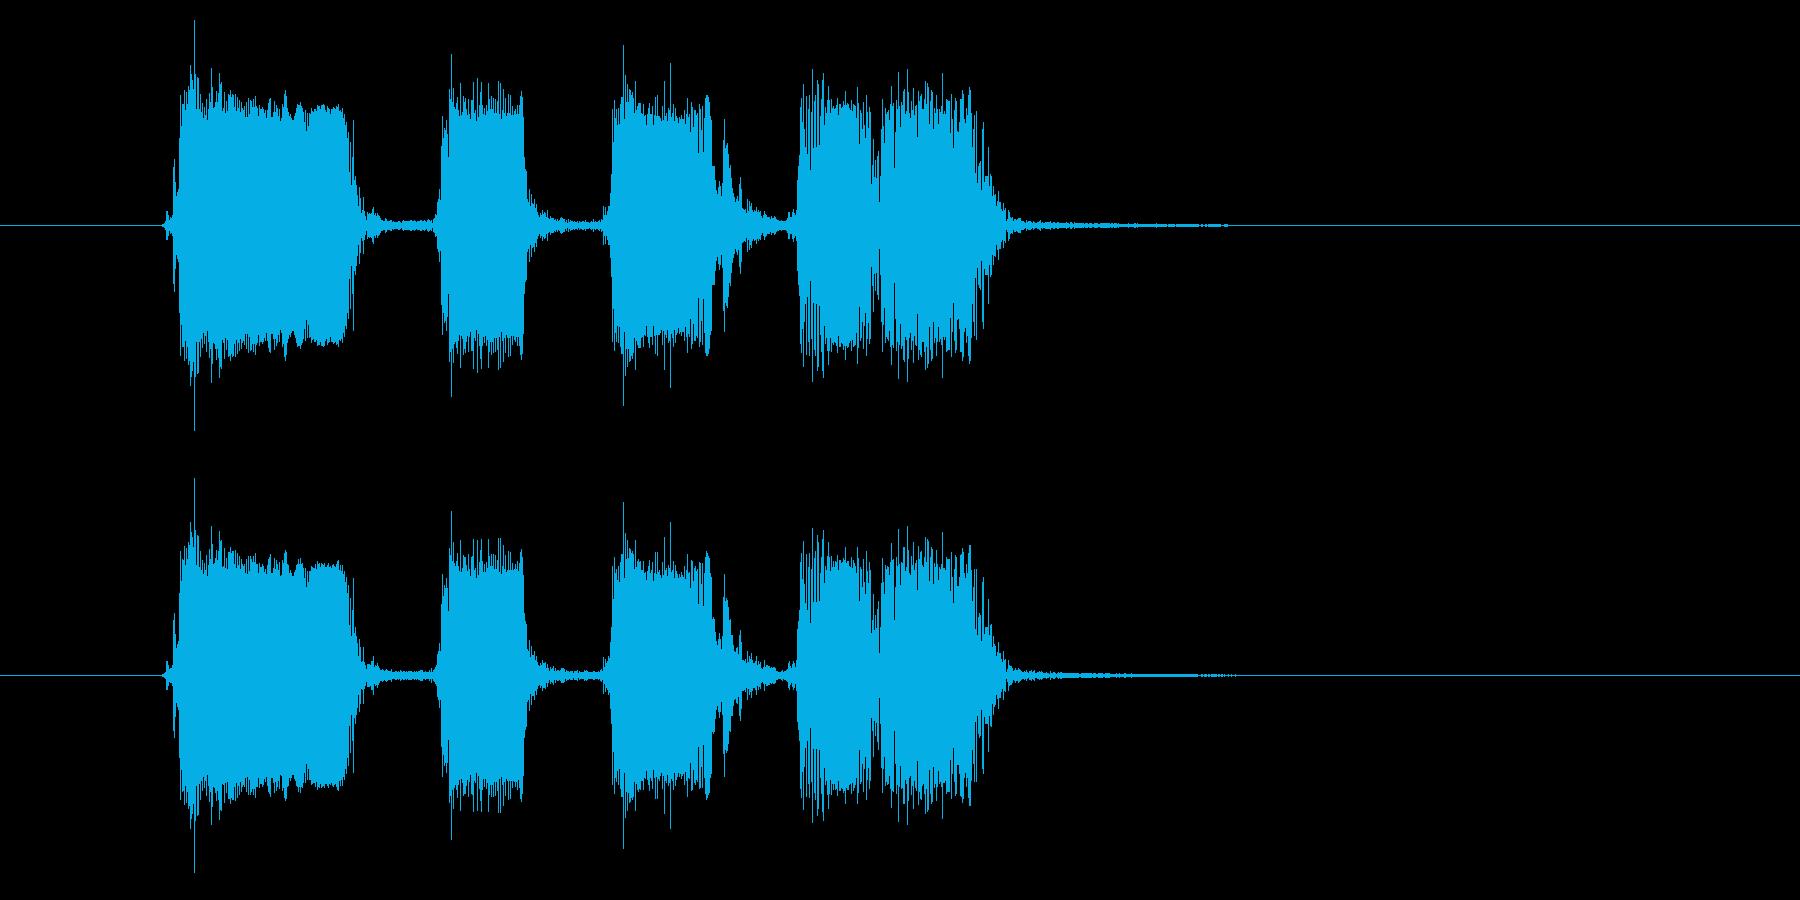 リズミカルギター音(弦、弾く)の再生済みの波形